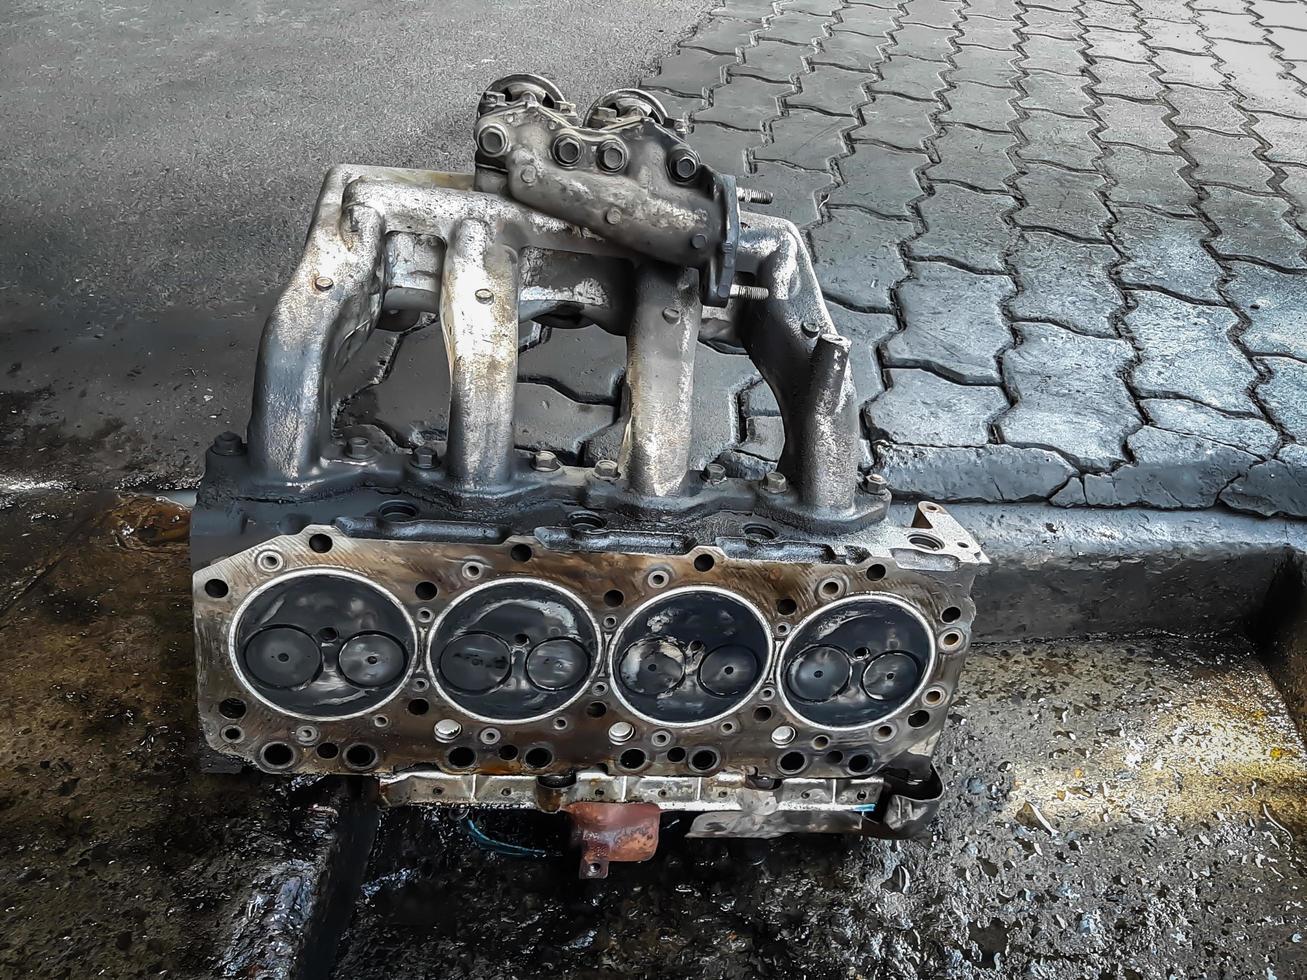 het cilinderblok van de viercilindermotor. gedemonteerd motorvoertuig voor reparatie. foto